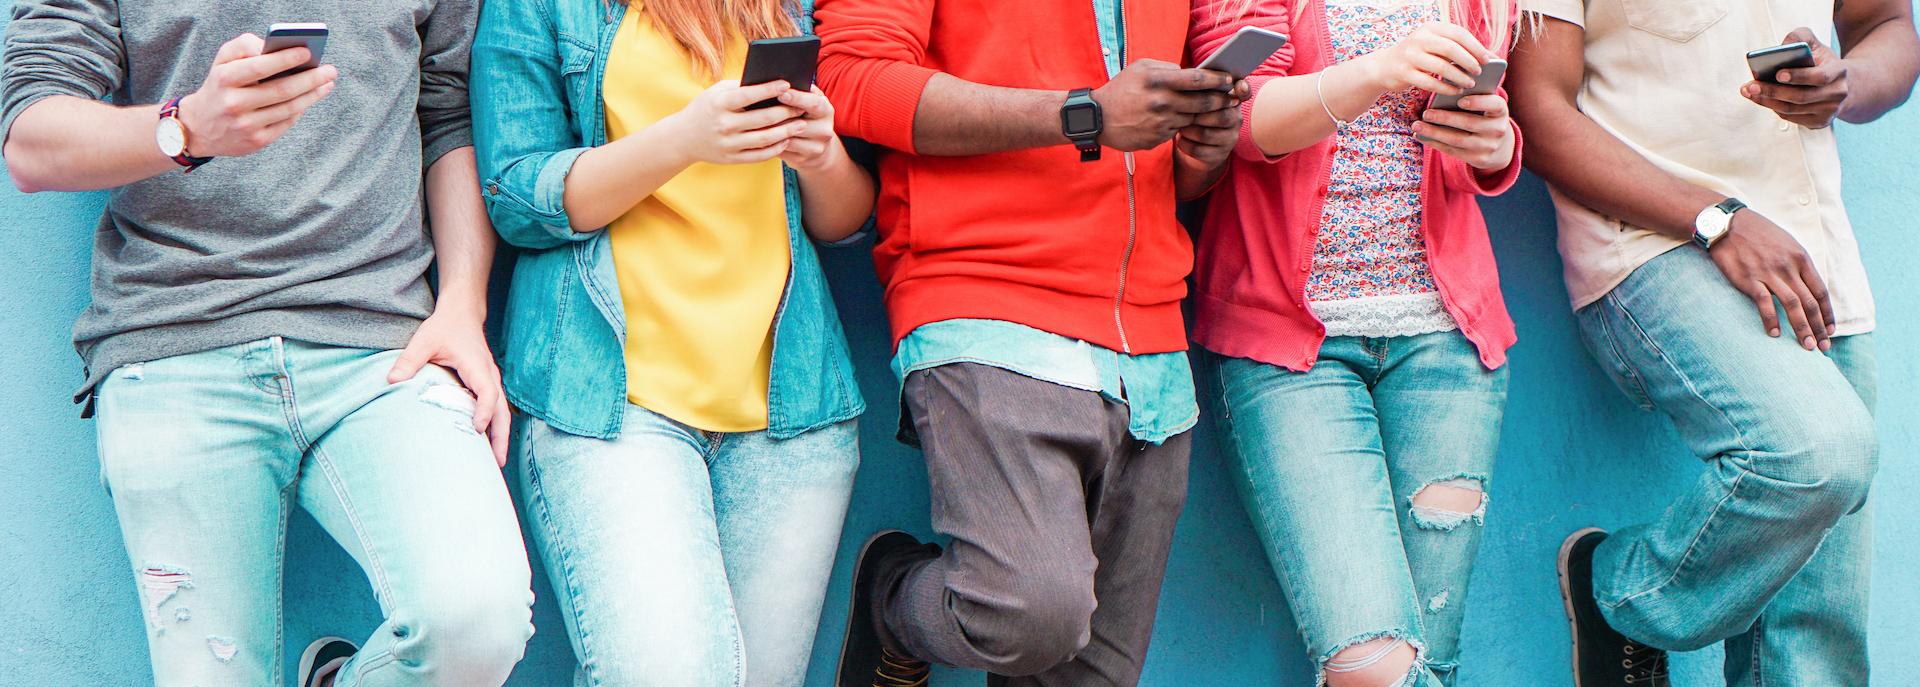 Giovani e uso dello smartphone: pericoli per la salute